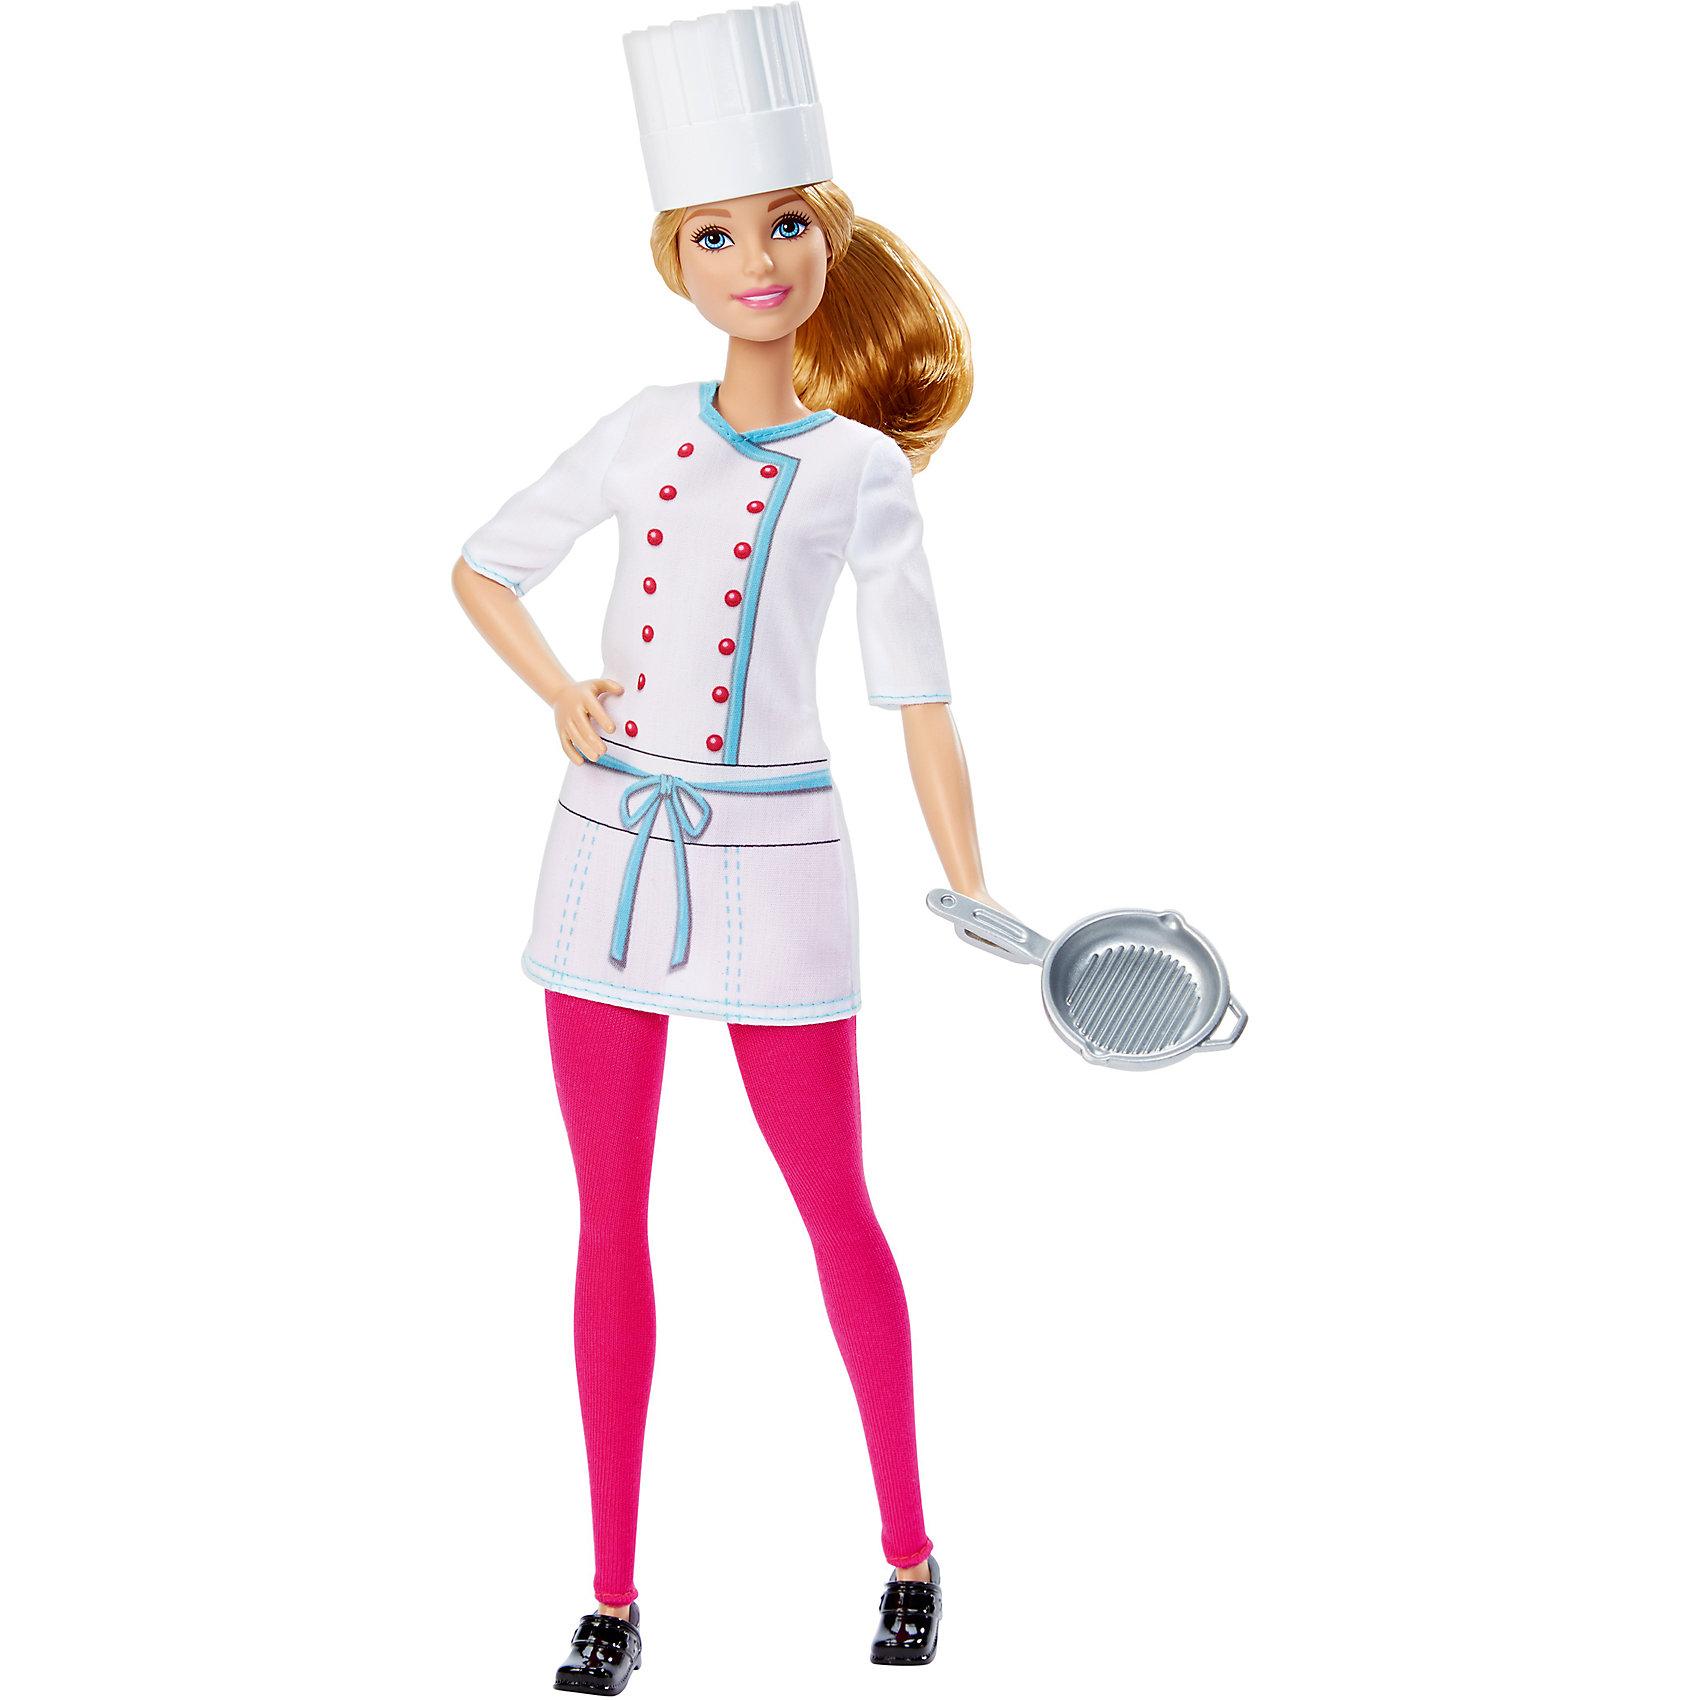 Кукла Barbie Шеф-повар из серии